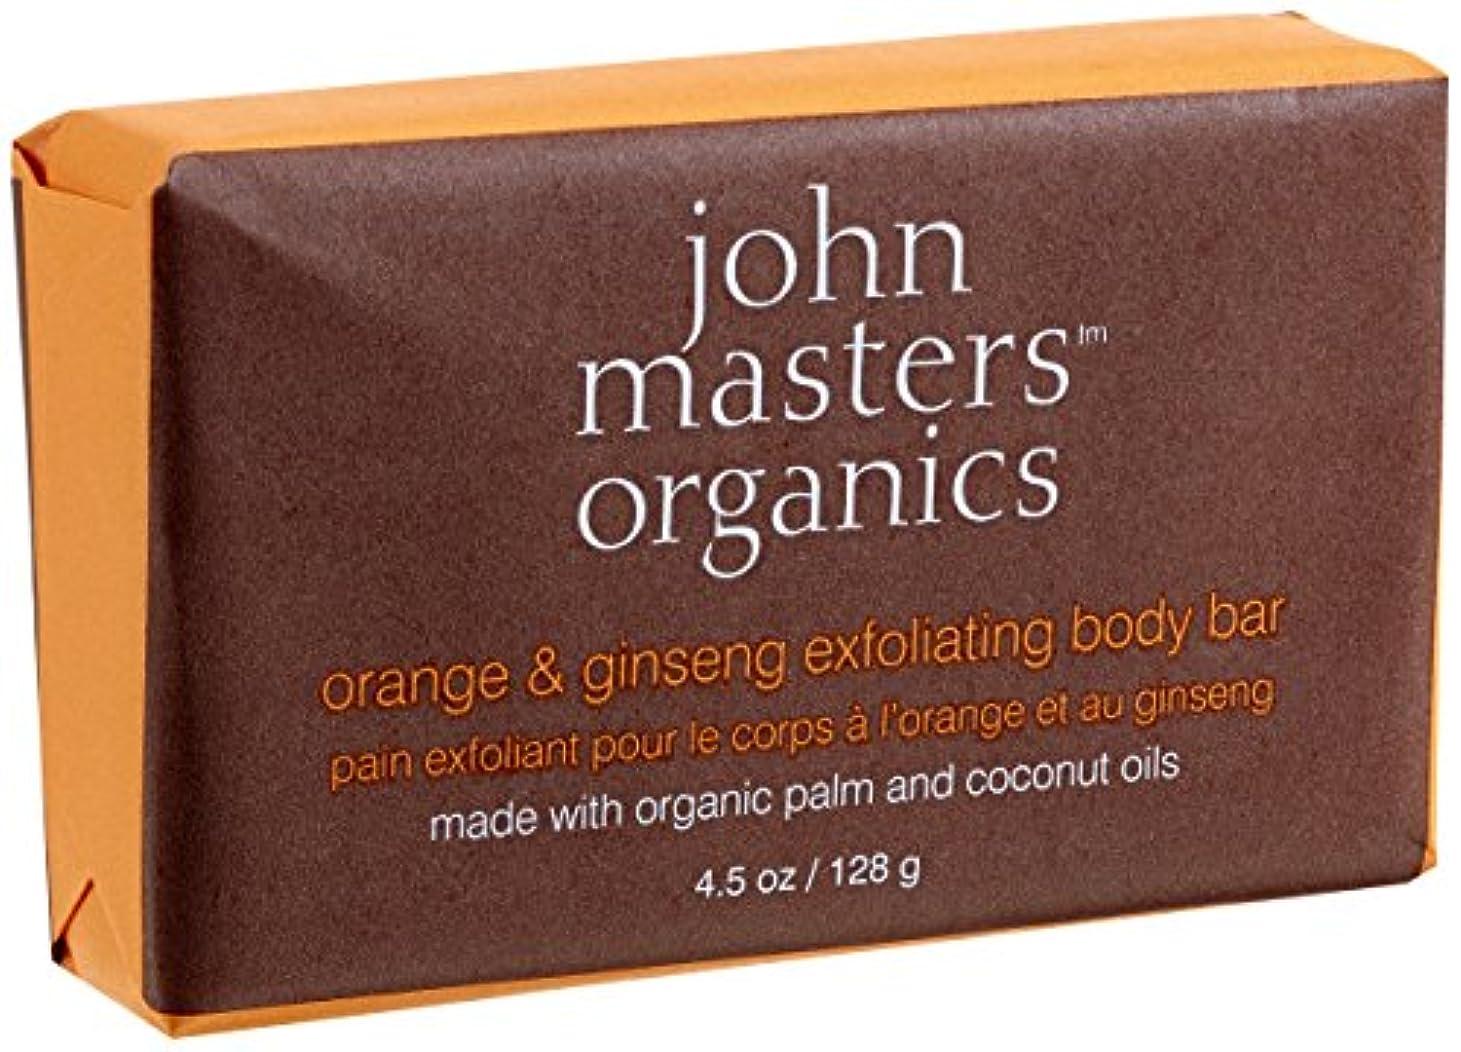 霜距離下向きジョンマスターオーガニック オレンジ&ジンセンエクスフォリエイティングボディソープ 128g